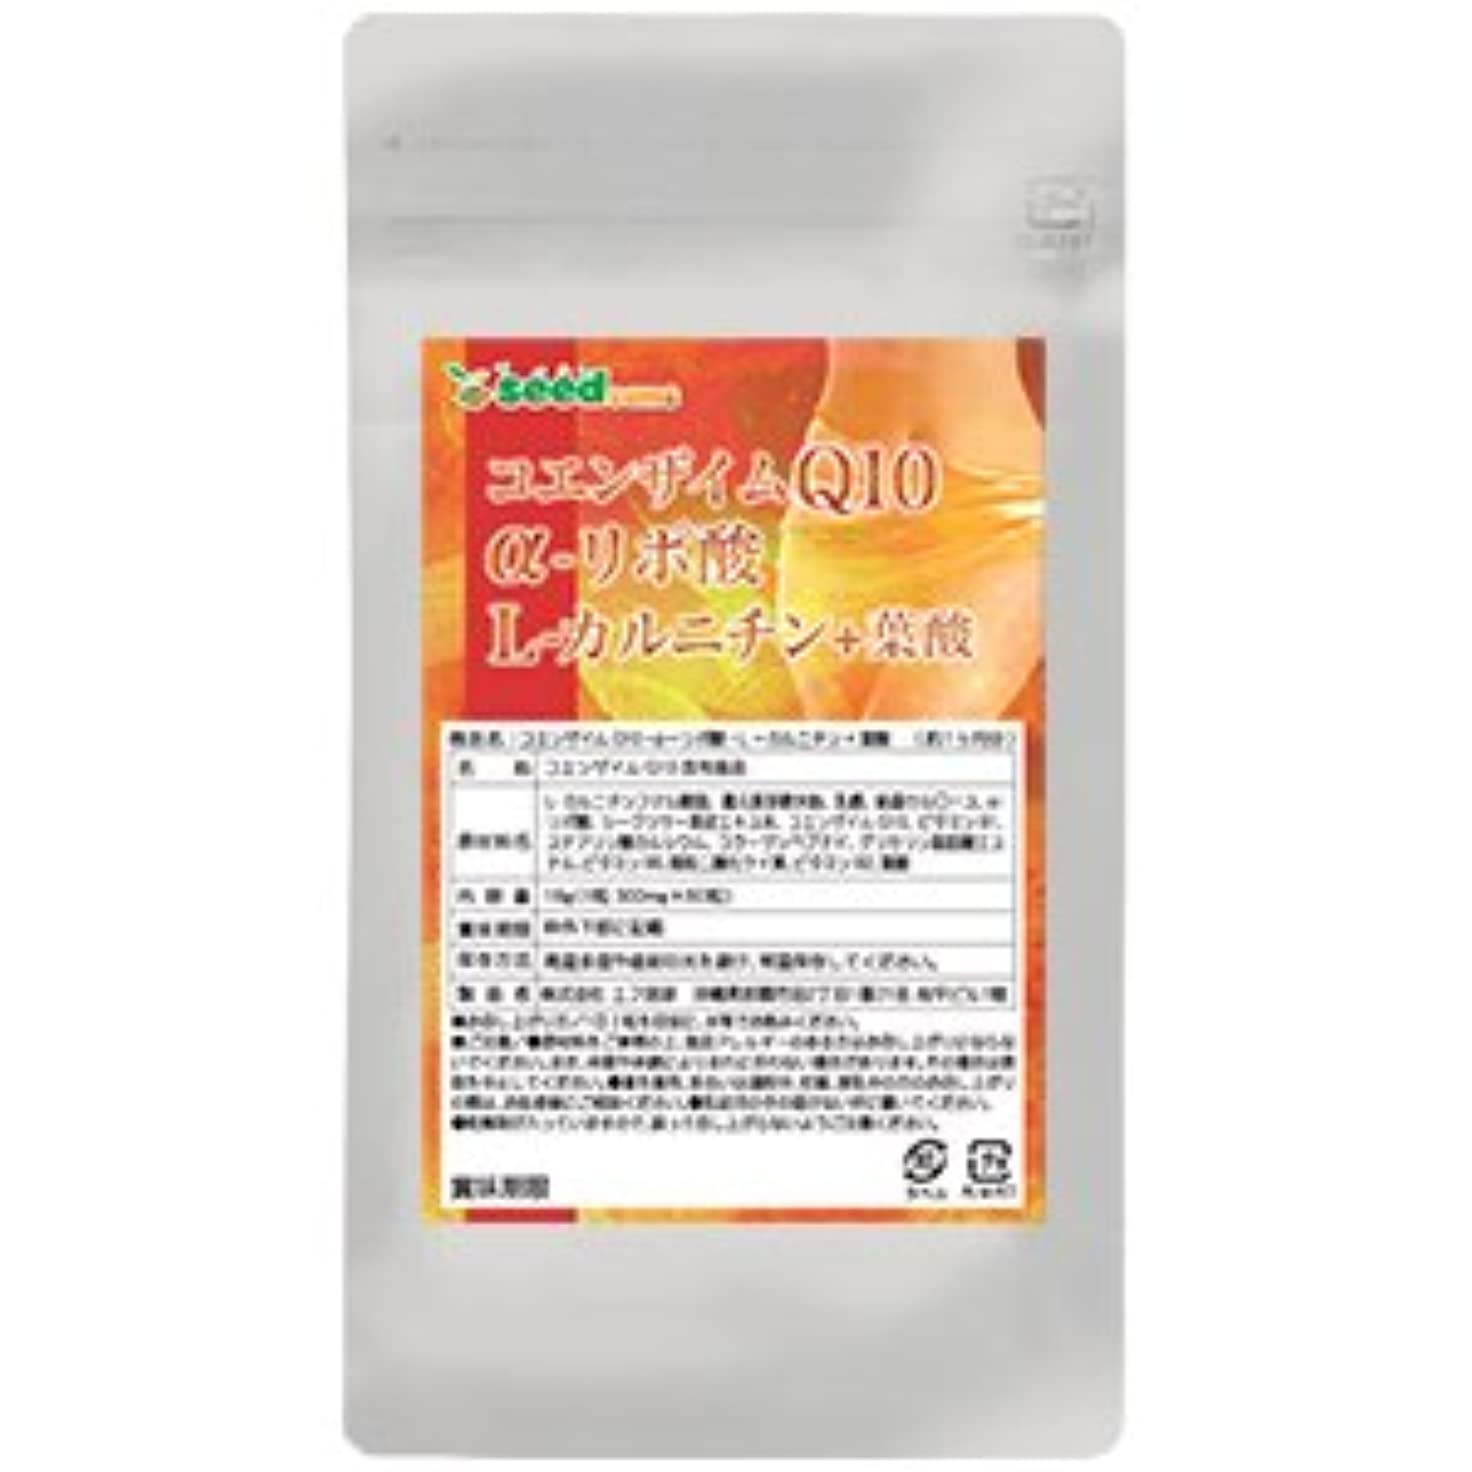 クマノミ追い払う刃コエンザイムQ10 α-リポ酸 L-カルニチン + 葉酸 (約3ヶ月分/180粒) シークワーサーエキス配合